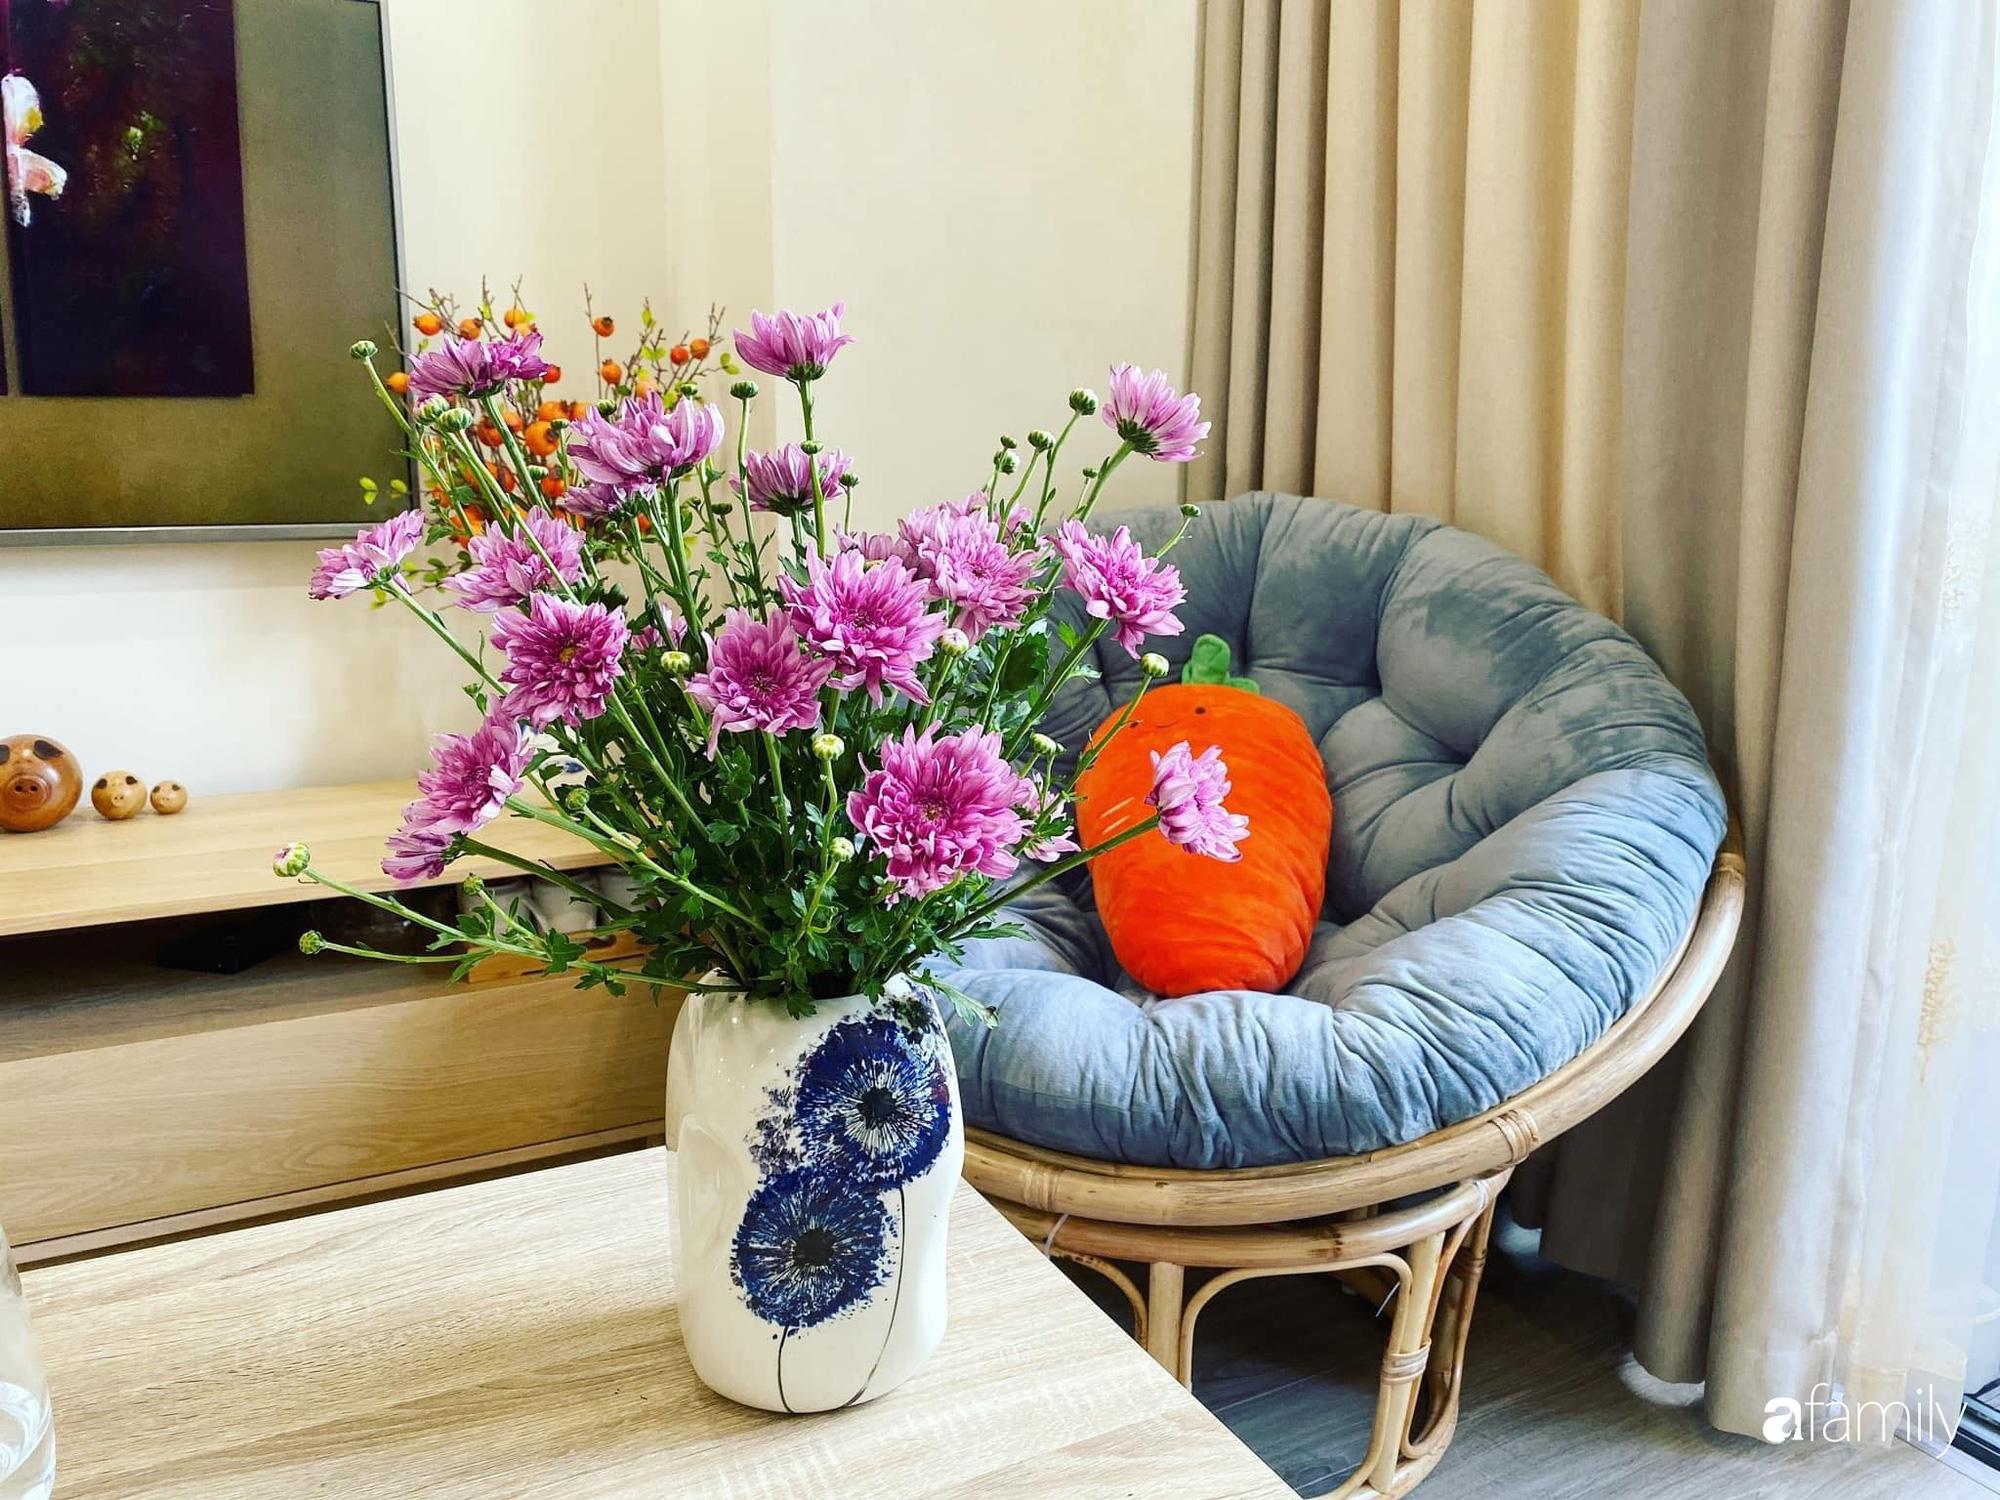 Căn hộ 76,9m2 đầm ấm với sắc hoa dịu dàng đón Tết ở Mỹ Đình, Hà Nội - Ảnh 8.